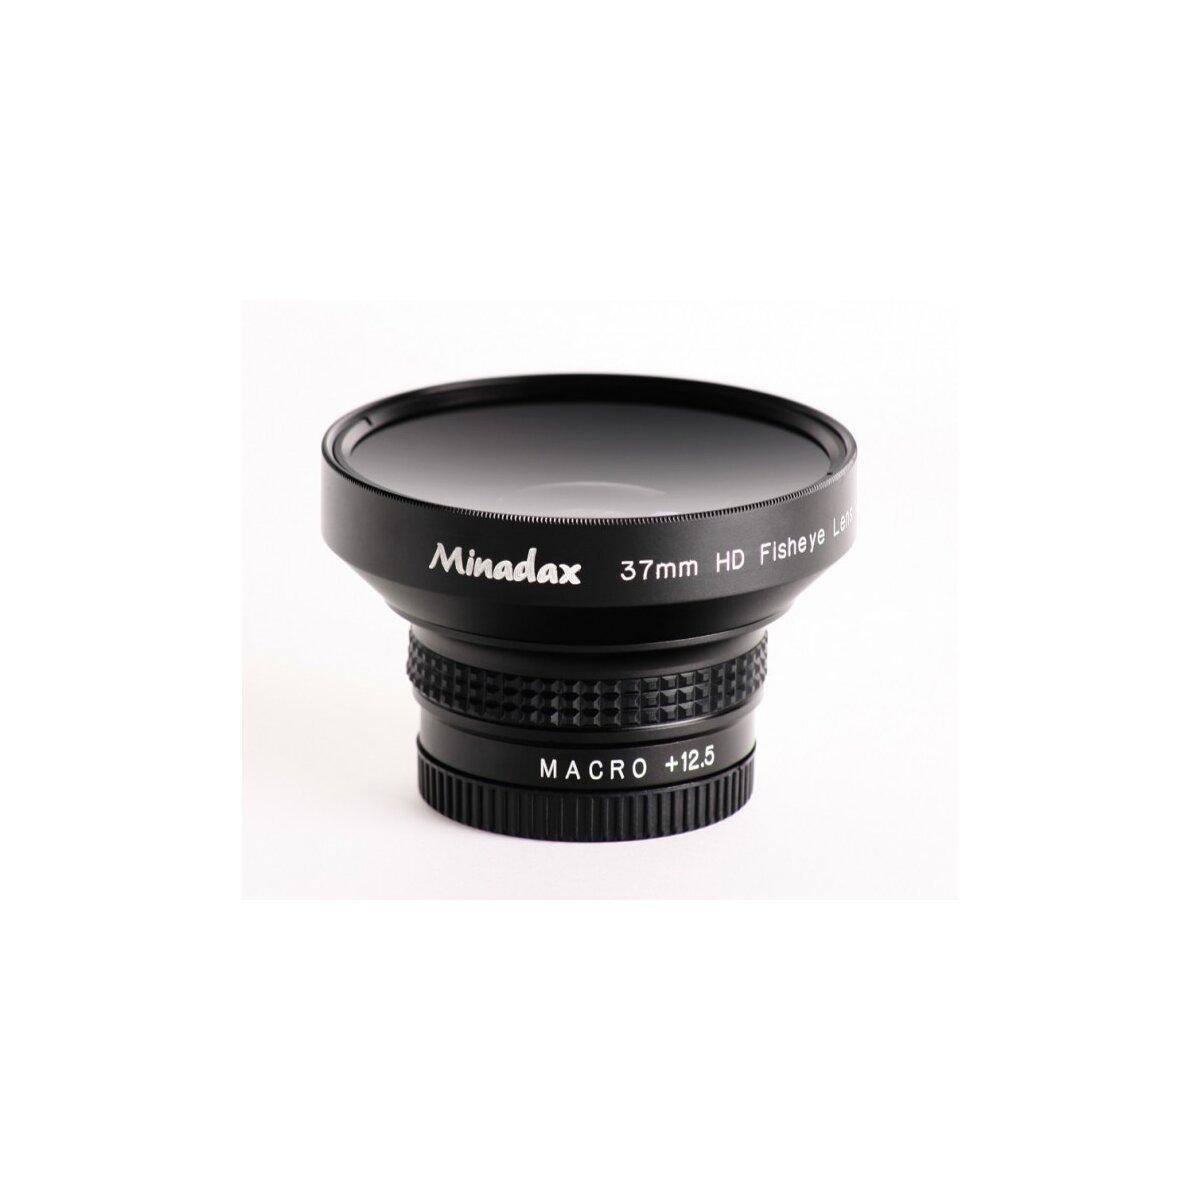 Minadax 0.25x Fisheye Vorsatz kompatibel mit Canon Legria HF R26, Legria HF R28, Legria HF R206, MVX4i, MVX20i, MVX25i, MVX40, MVX45i, MVX200, MVX200i, MVX250i, MVX300, MVX330i, MVX350i - in schwarz